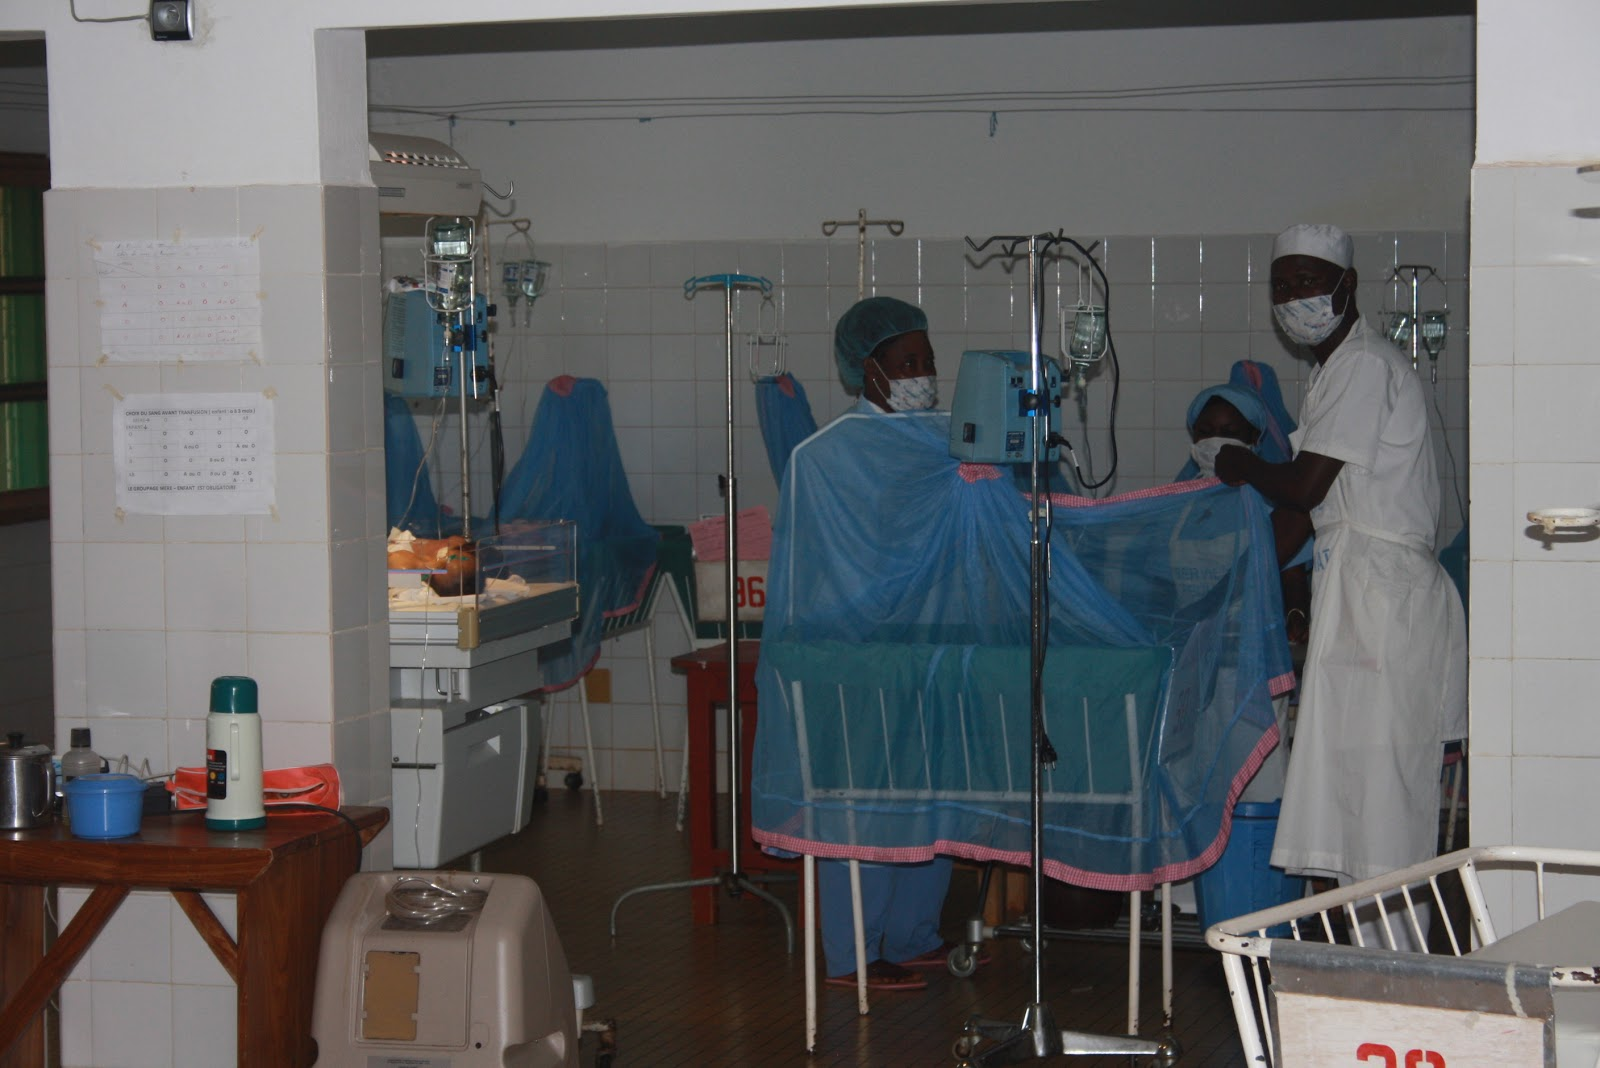 Vacances solidaires au b nin service de p diatrie h pital d 39 abomey jeudi 9 ao t - Chambre sterile pour leucemie ...